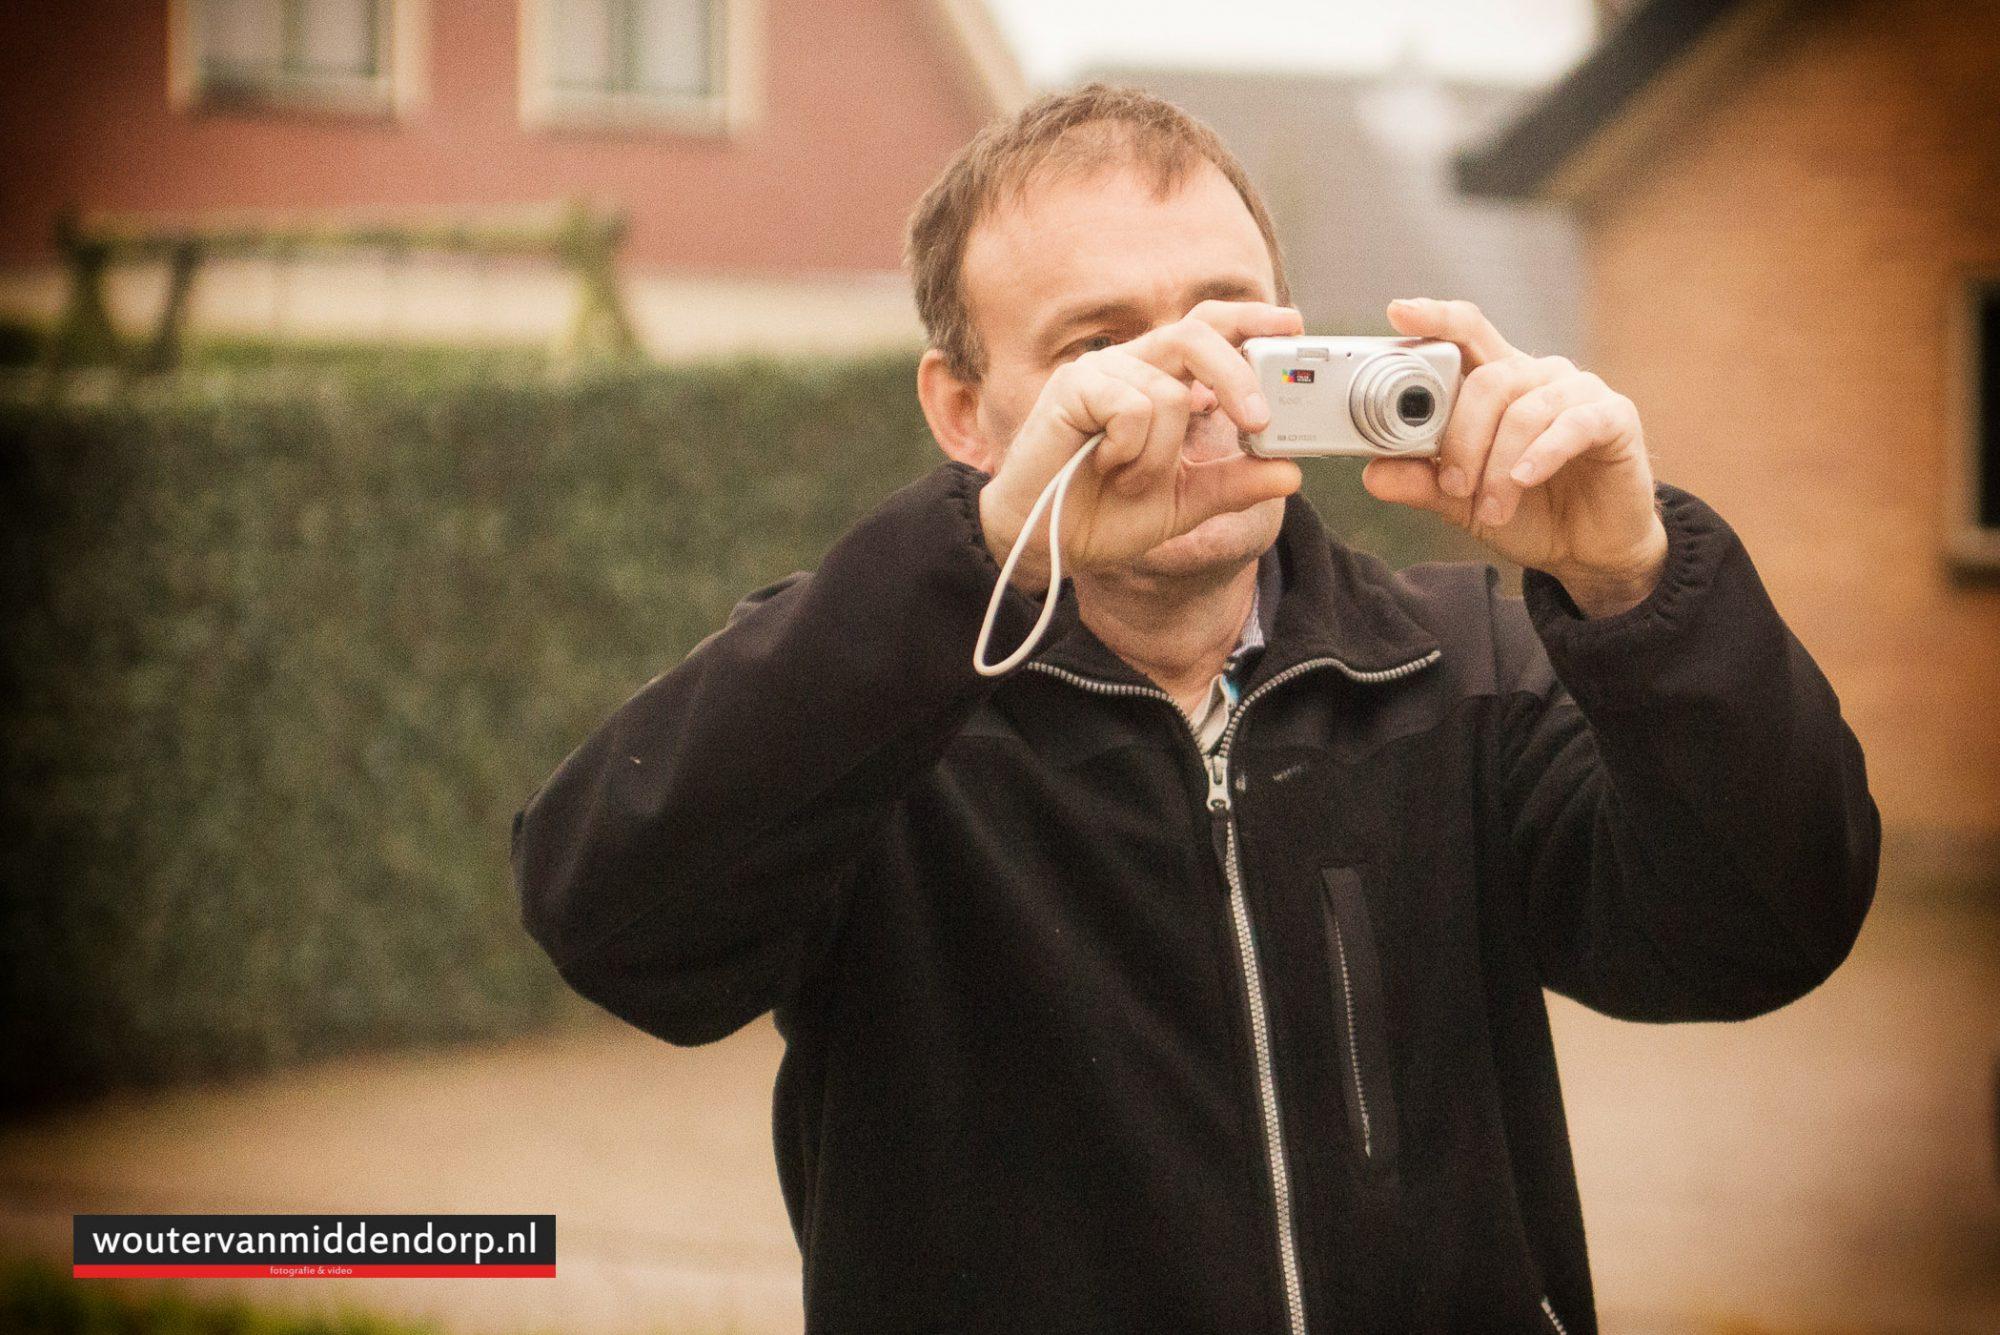 trouwfotograaf-wouter-van-middendorp-omgeving-veluwe-dordrechtl-putten-uddel-19-van-51